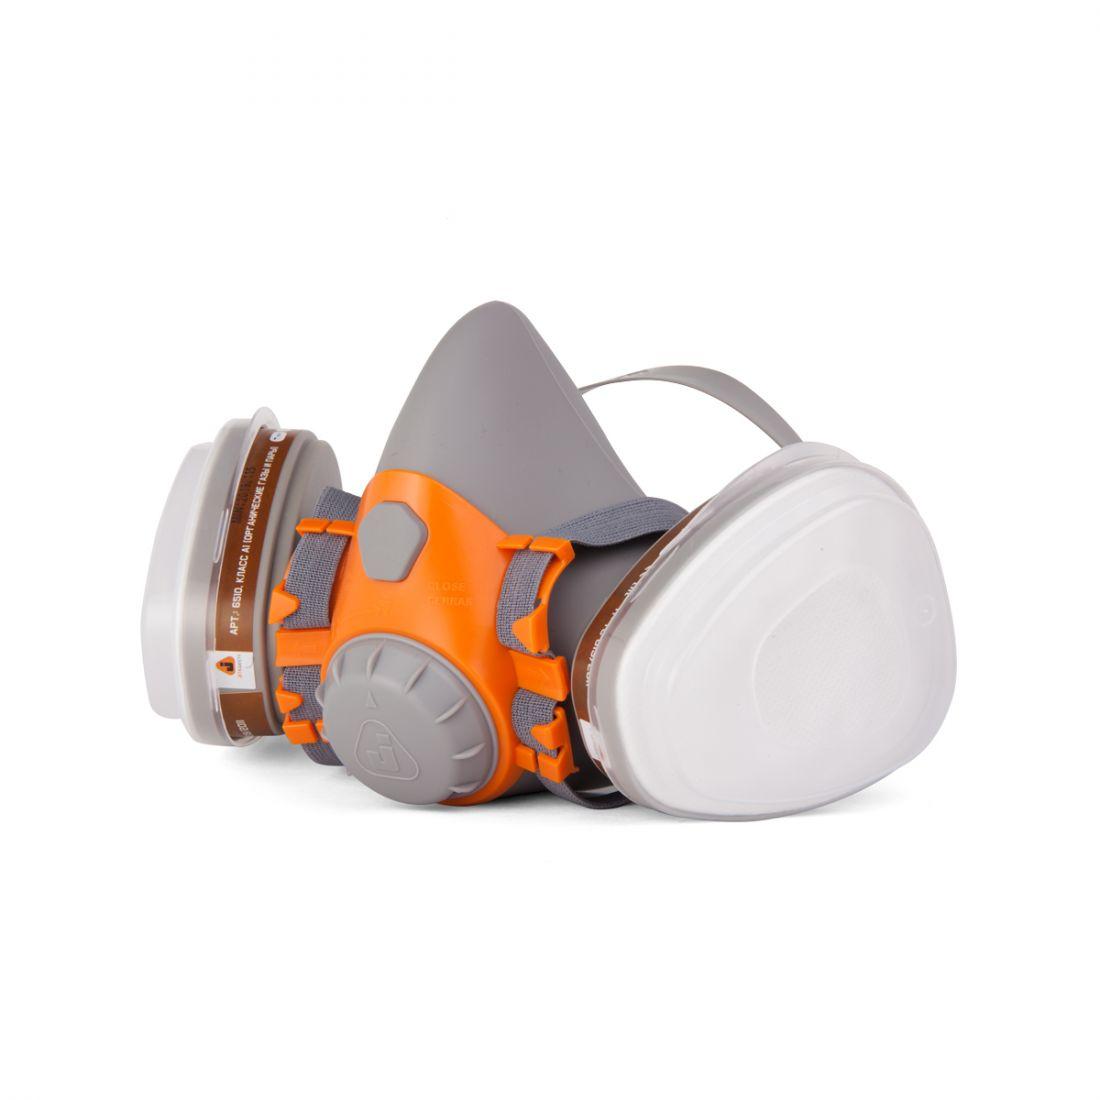 Jeta Полумаска фильтрующая из силикона с байонетным креплением фильтров для защиты от пыли, аэрозолей, газов